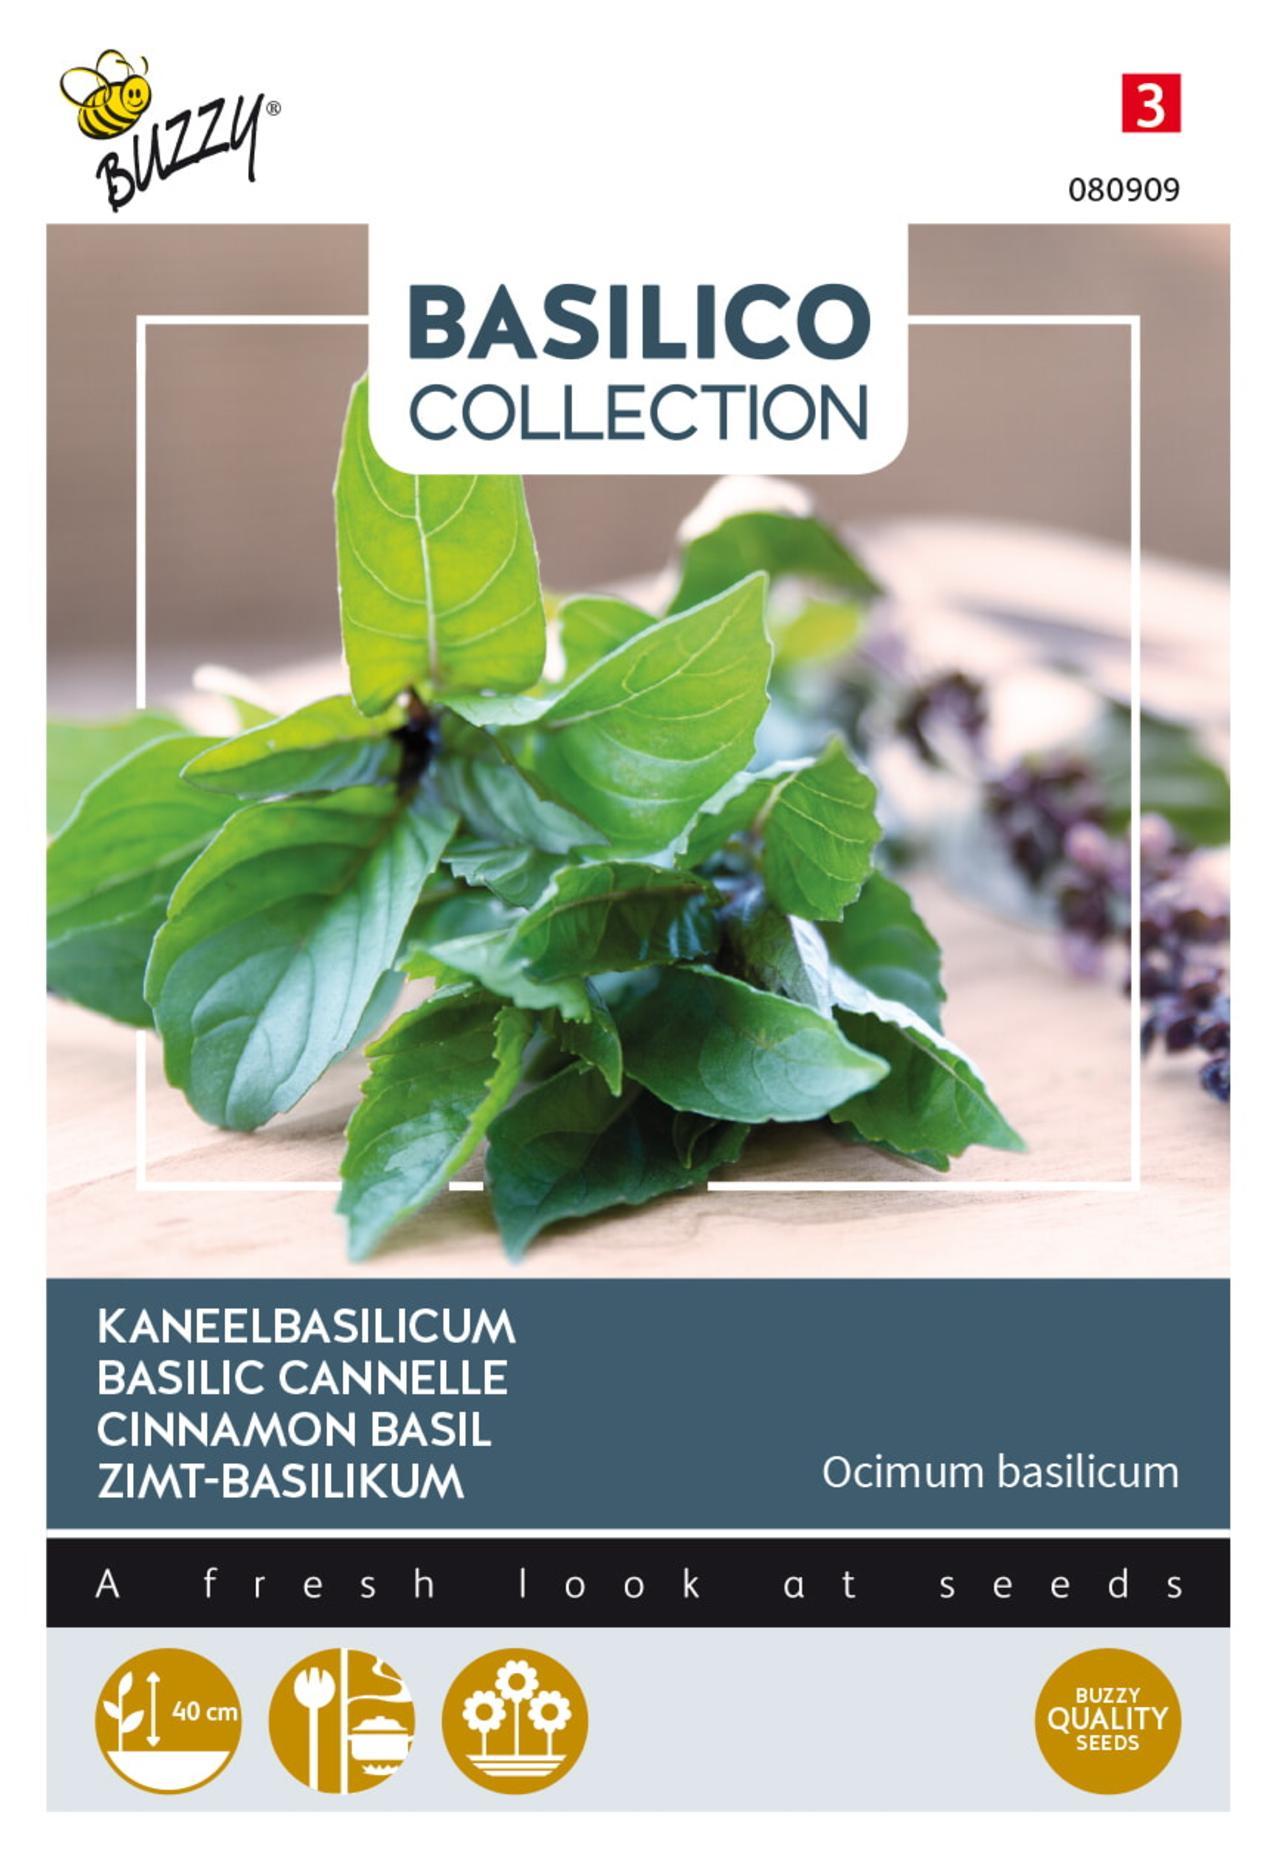 Ocimum basilicum cinnamomum plant